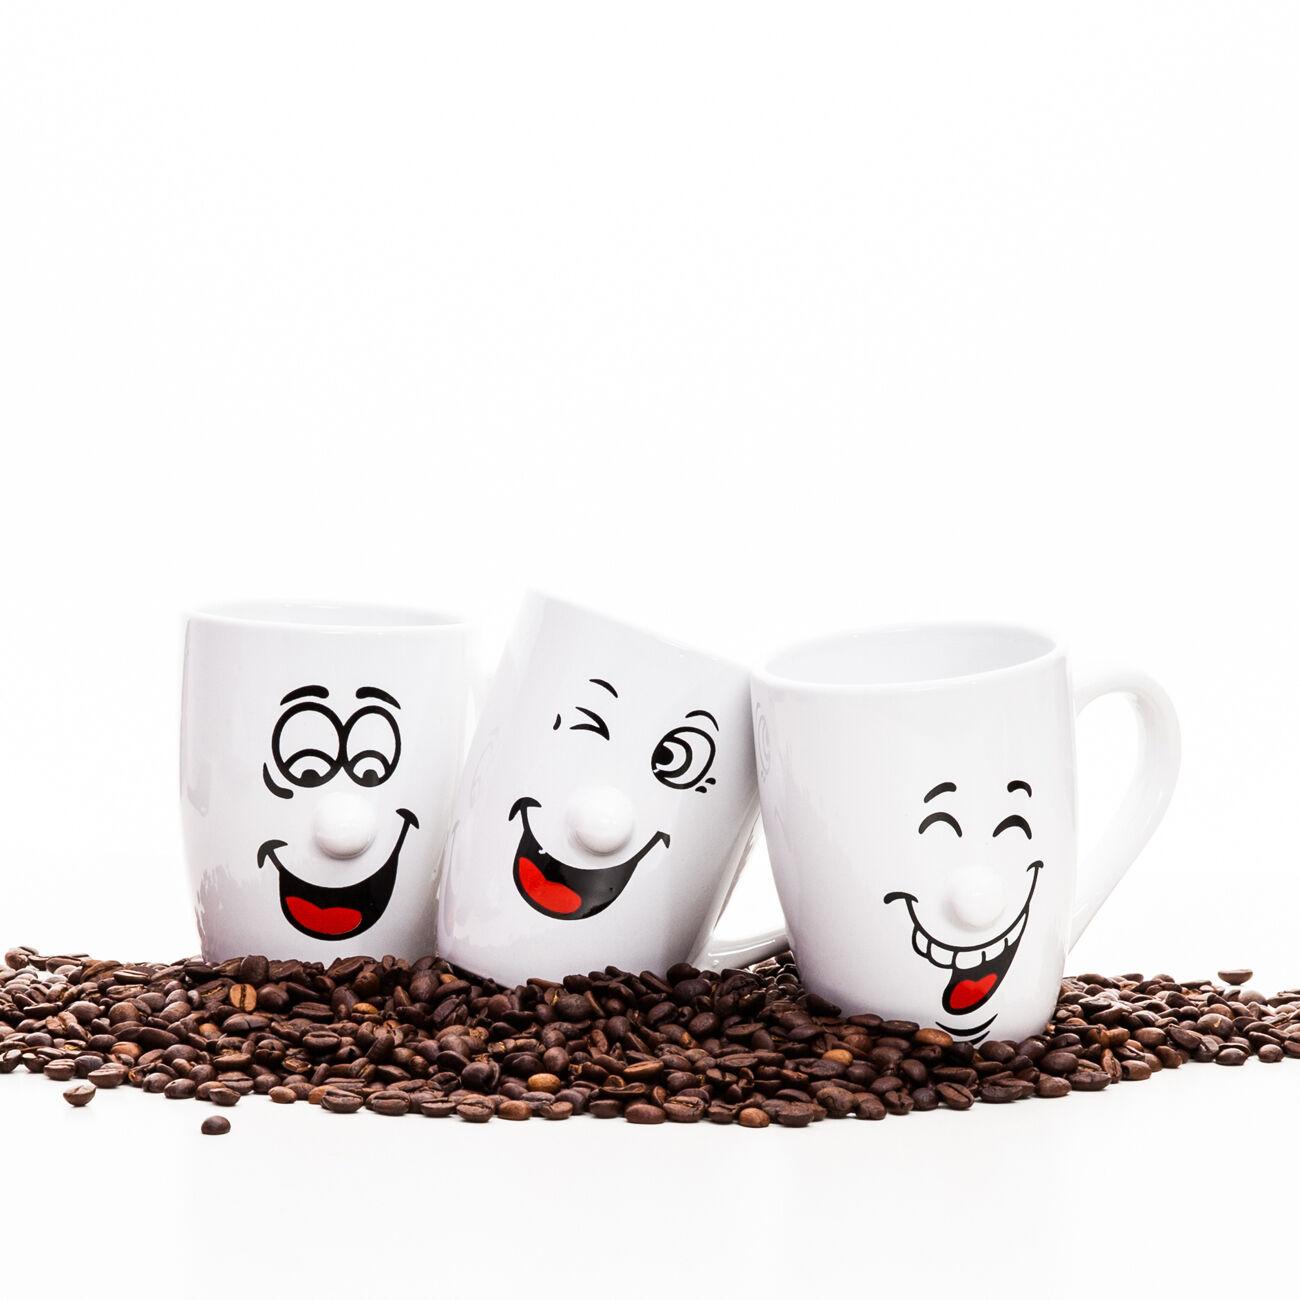 3er set kaffeetasse gesicht tassen becher kaffeebecher kaffee keramik teetasse ebay. Black Bedroom Furniture Sets. Home Design Ideas